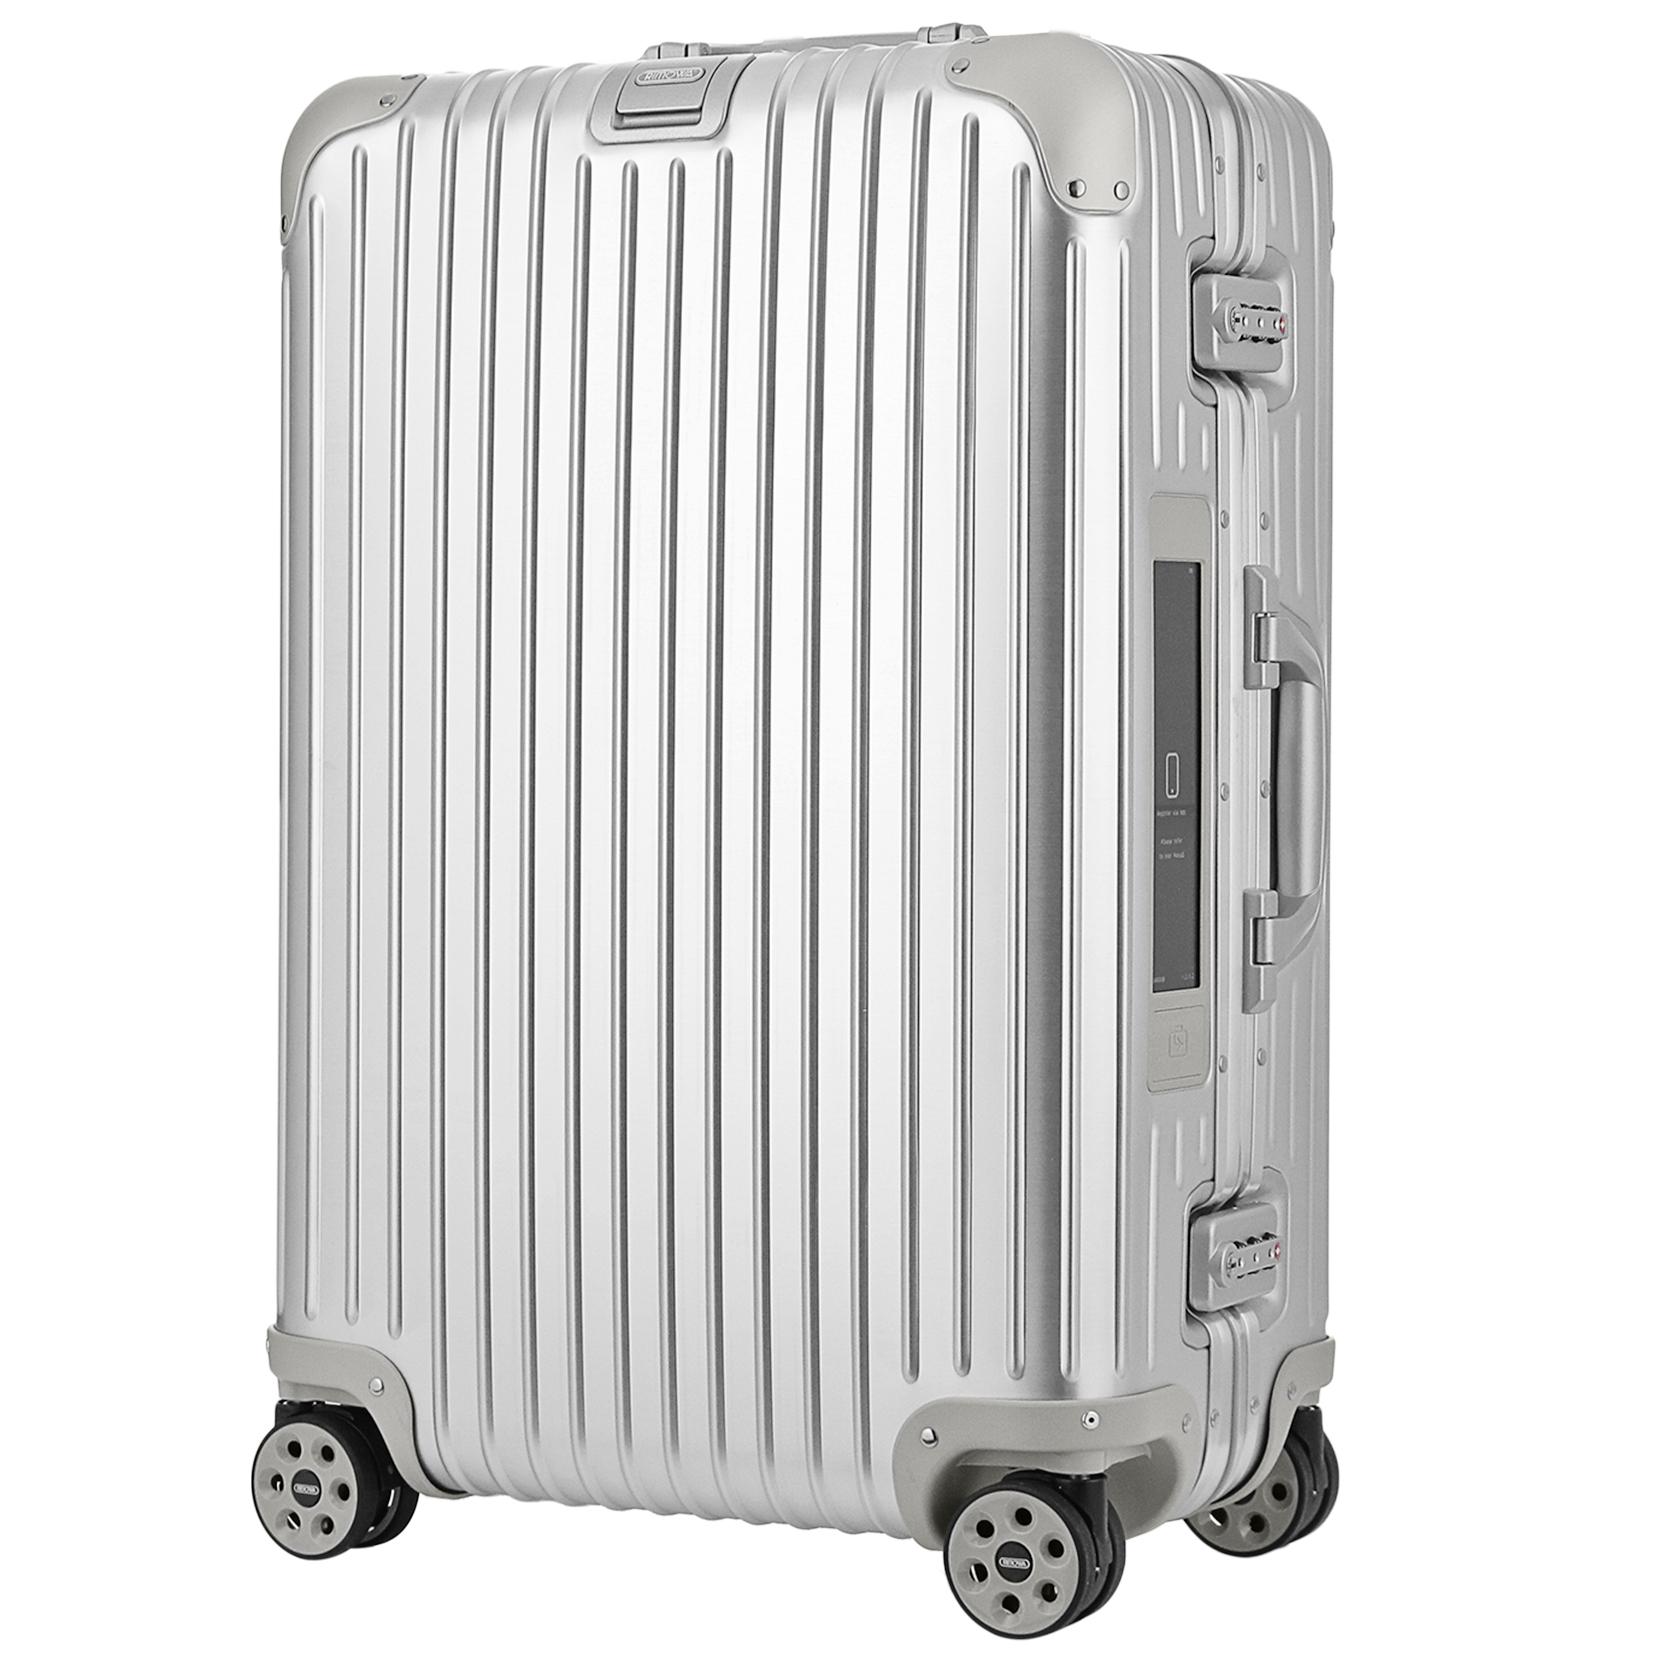 【お取り寄せ】【送料無料】リモワ RIMOWA スーツケース トパーズ 924.63.00.5 67L 6.4kg シルバー 4泊~7泊 TSAロック 機内持ち込み不可